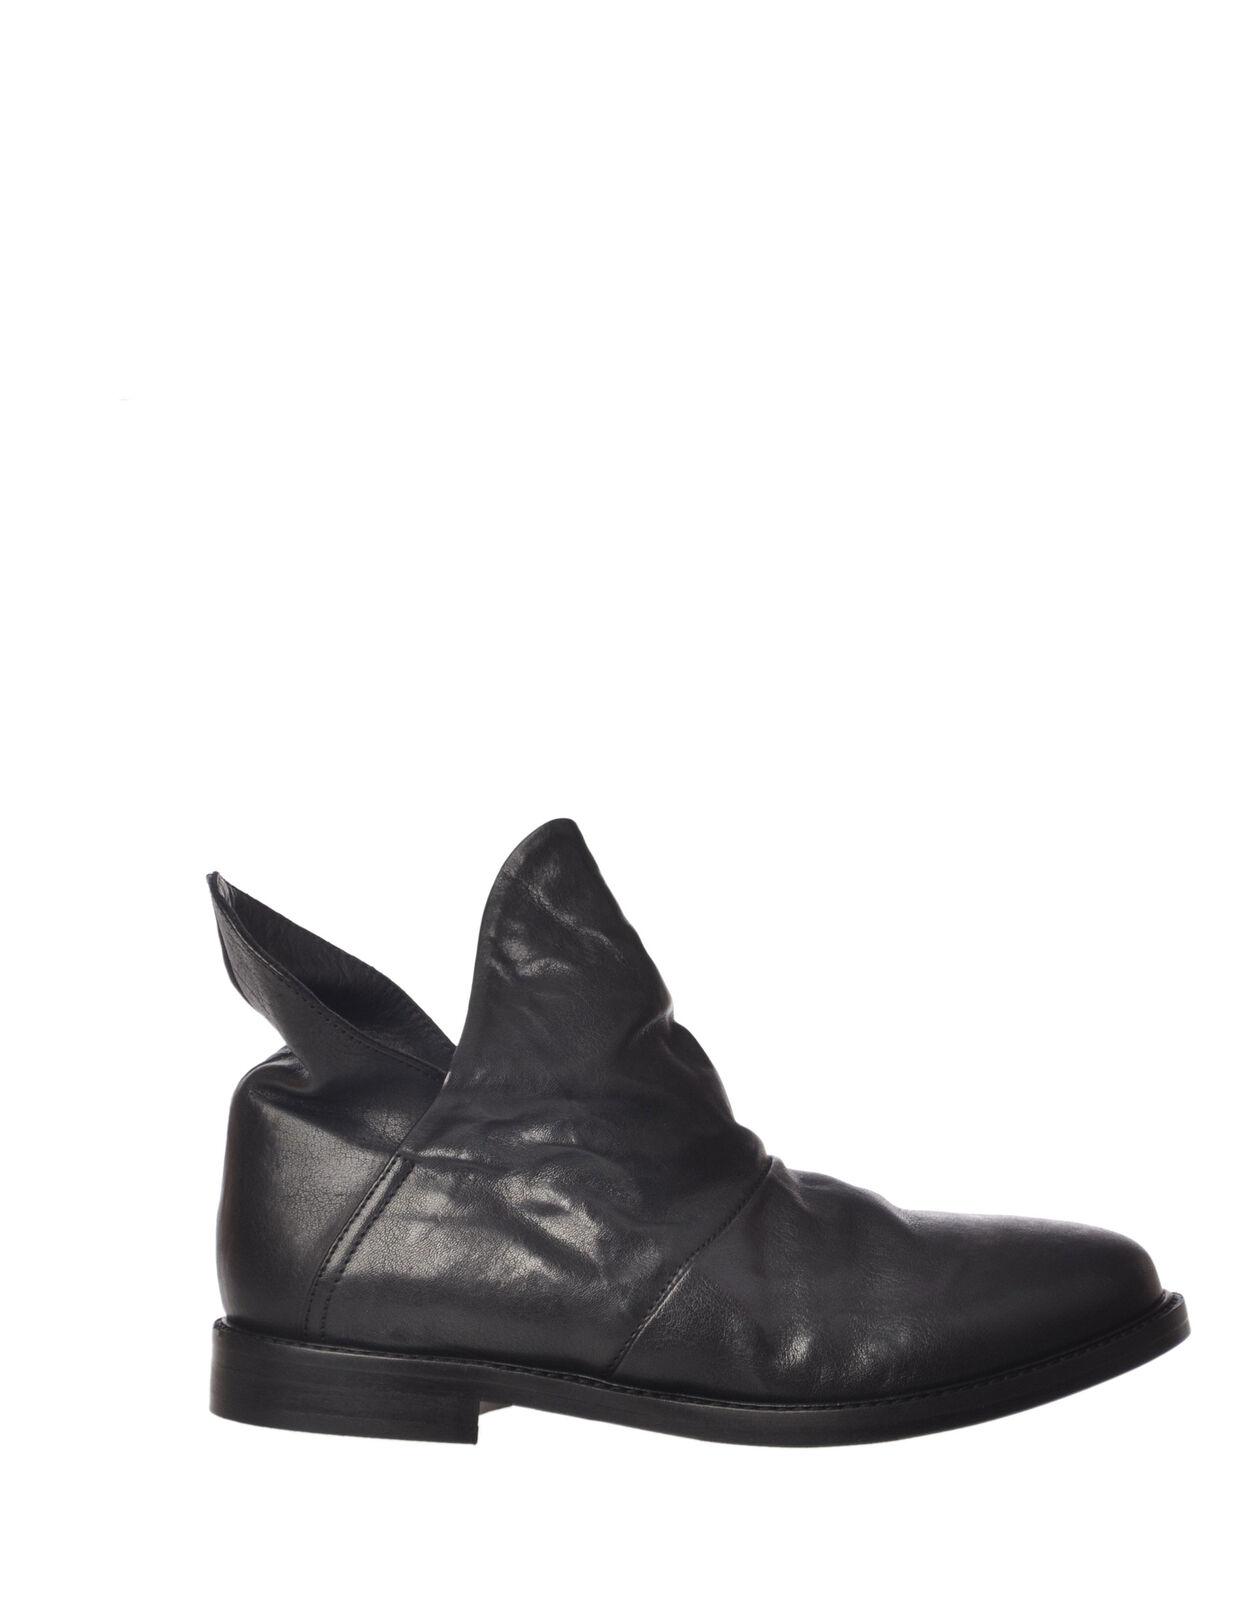 Lemarè  -  botas al al al tobillo - Mujer - Negro - 4033130A181449  edición limitada